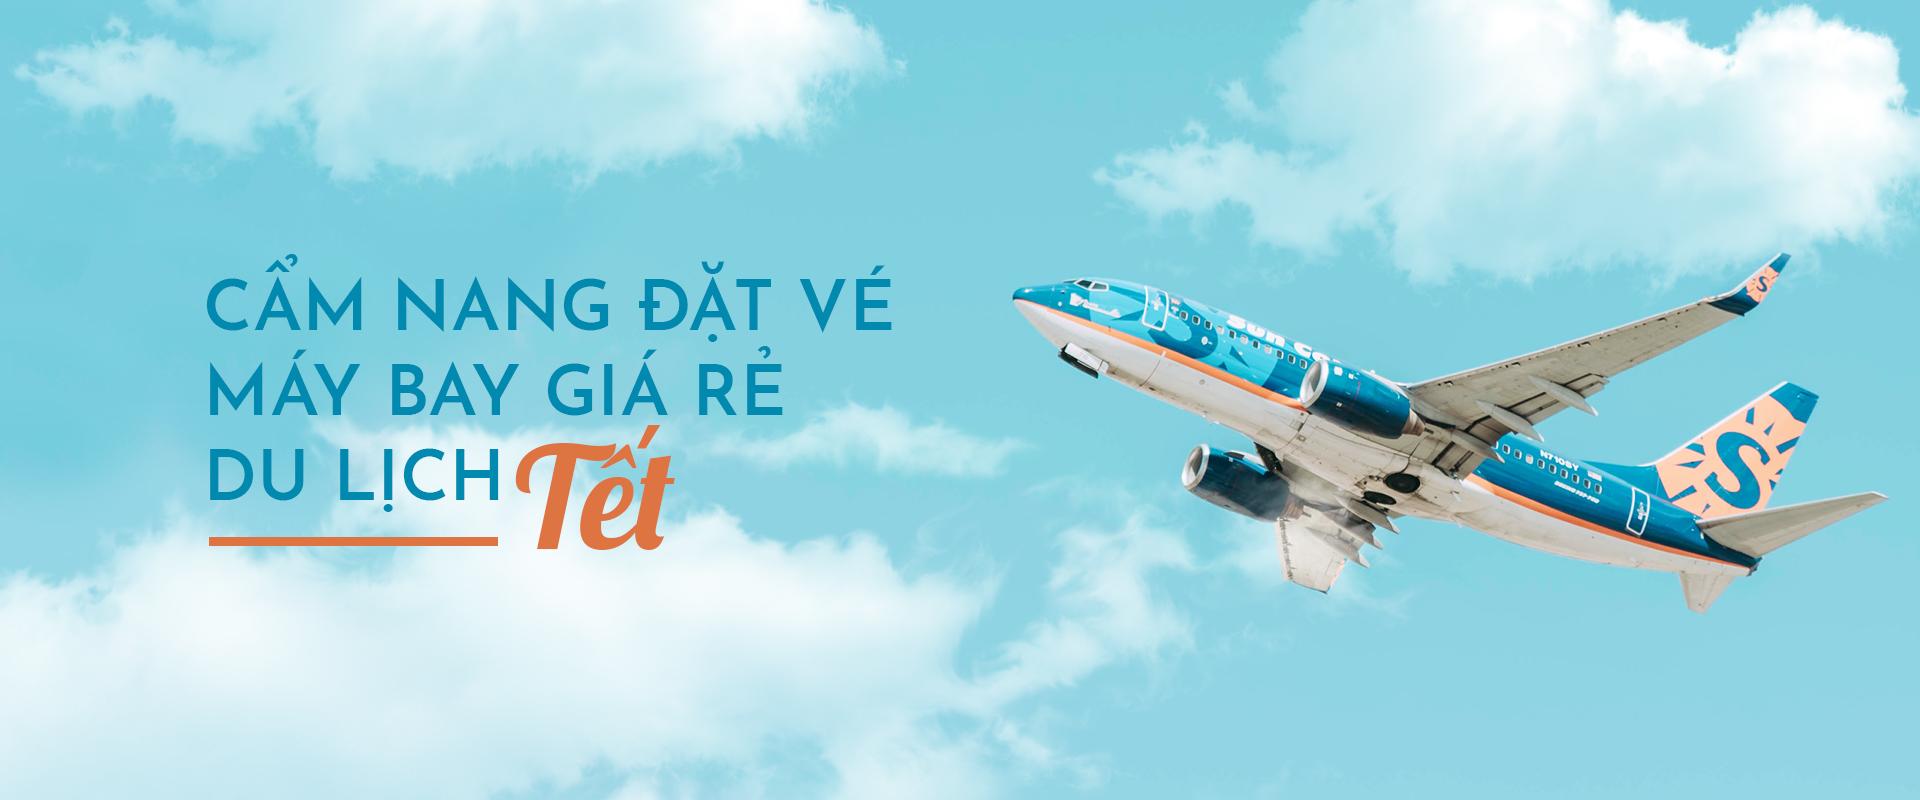 Cẩm nang đặt vé máy bay giá rẻ cho chuyến du lịch Tết